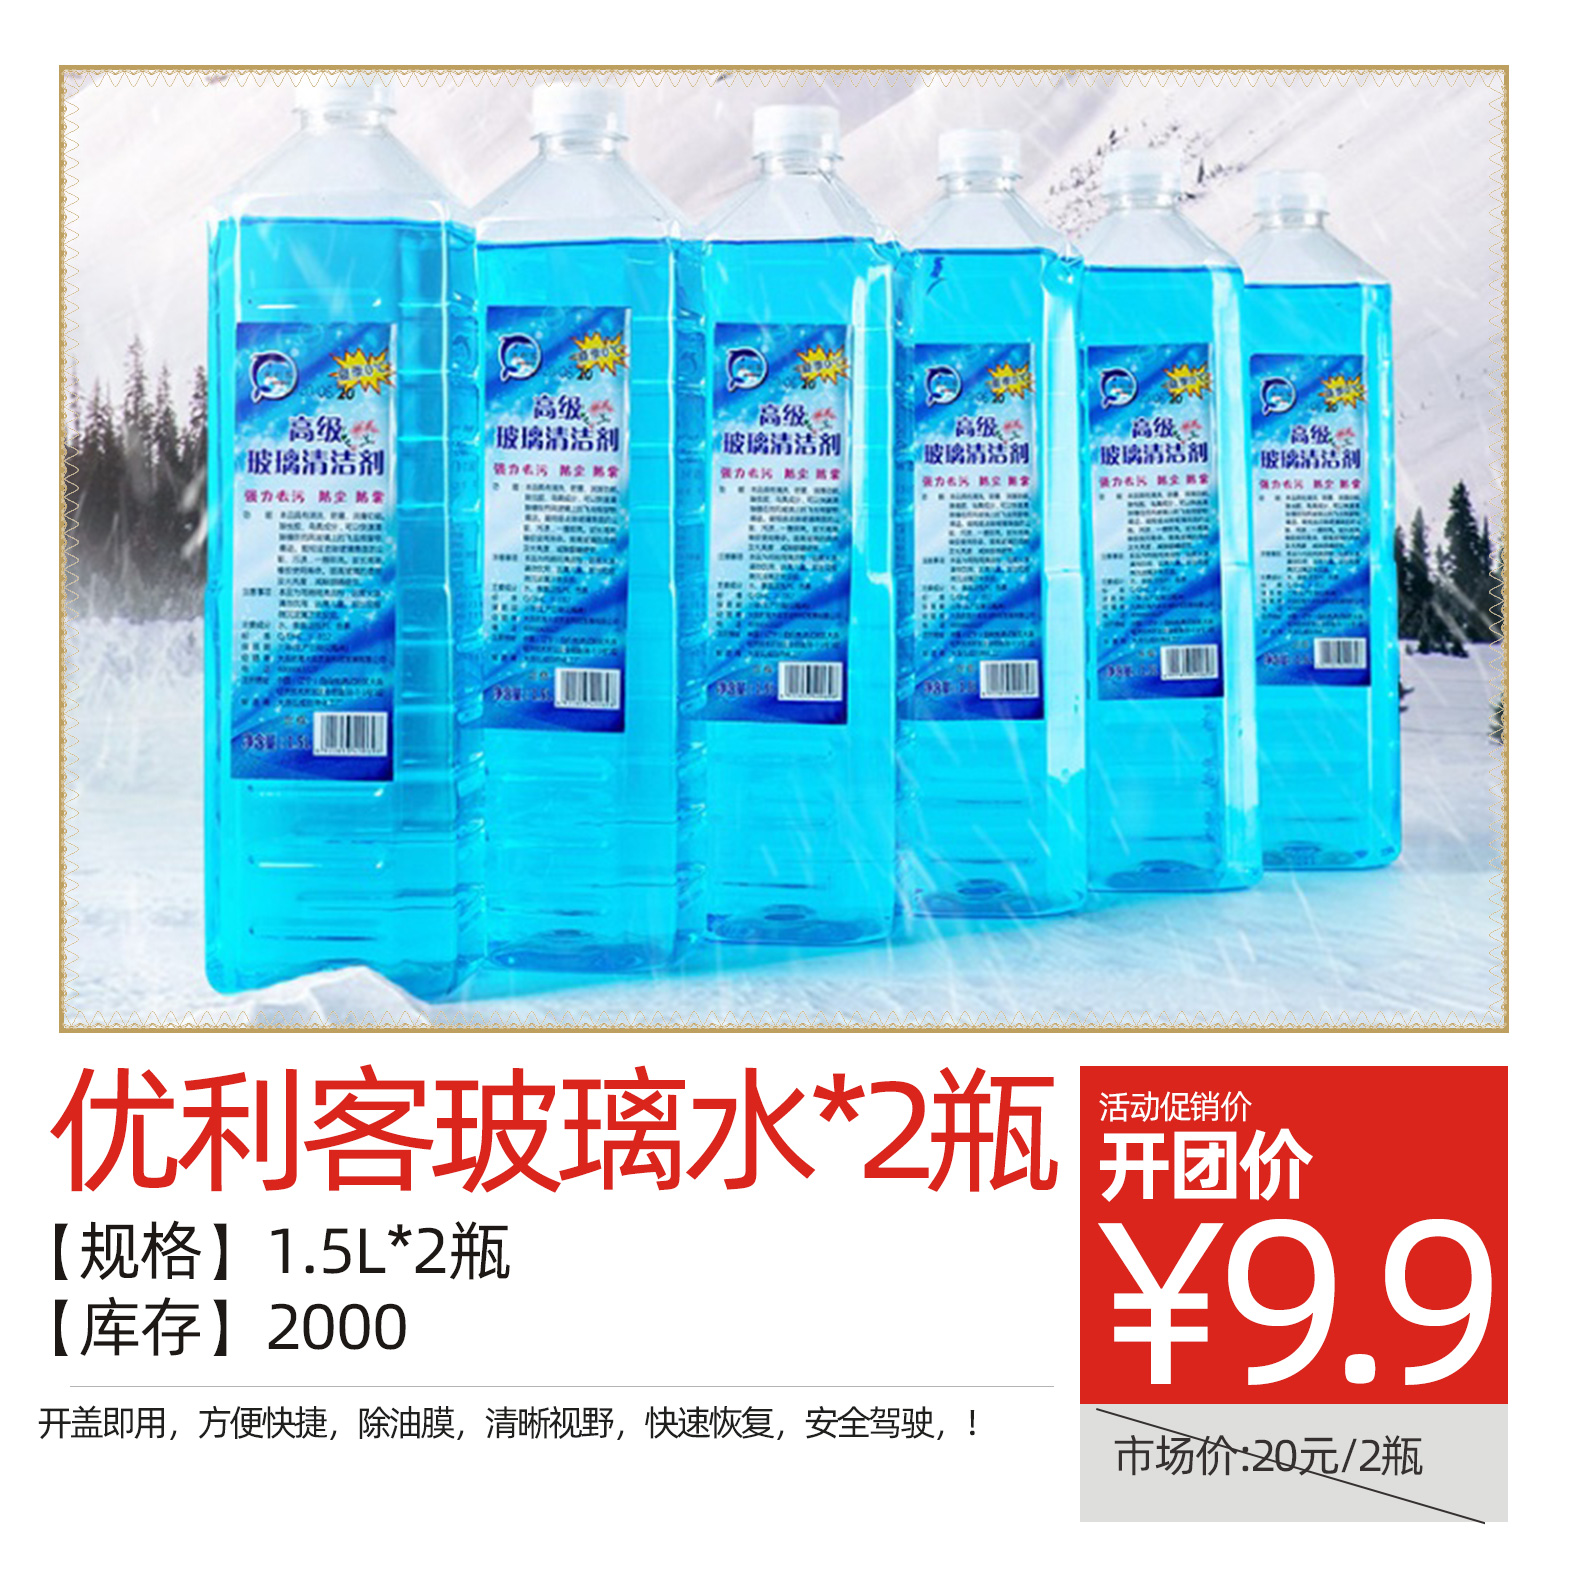 优利客玻璃水*2瓶